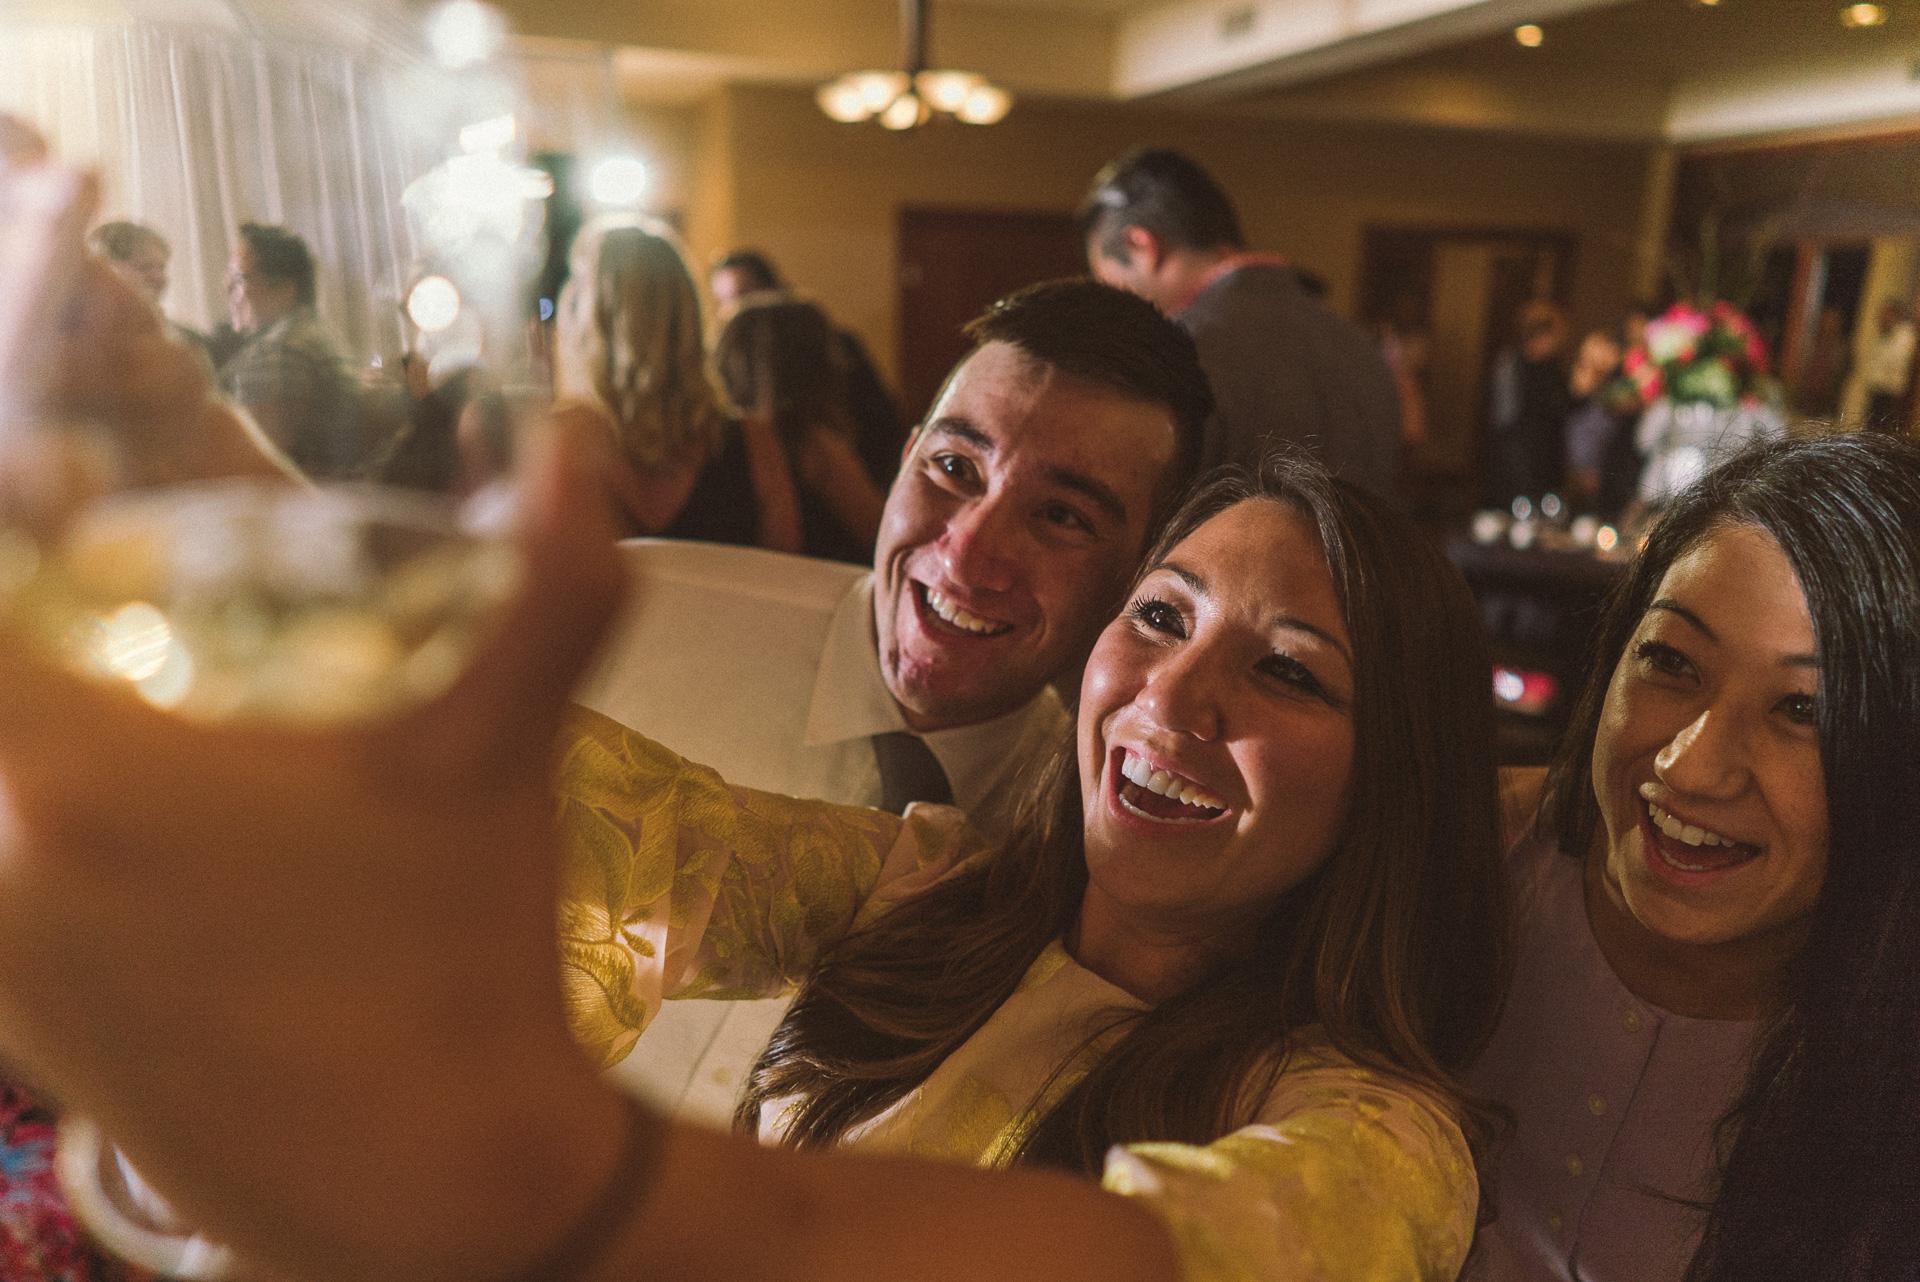 Dayton Wedding Photographer - Selfie